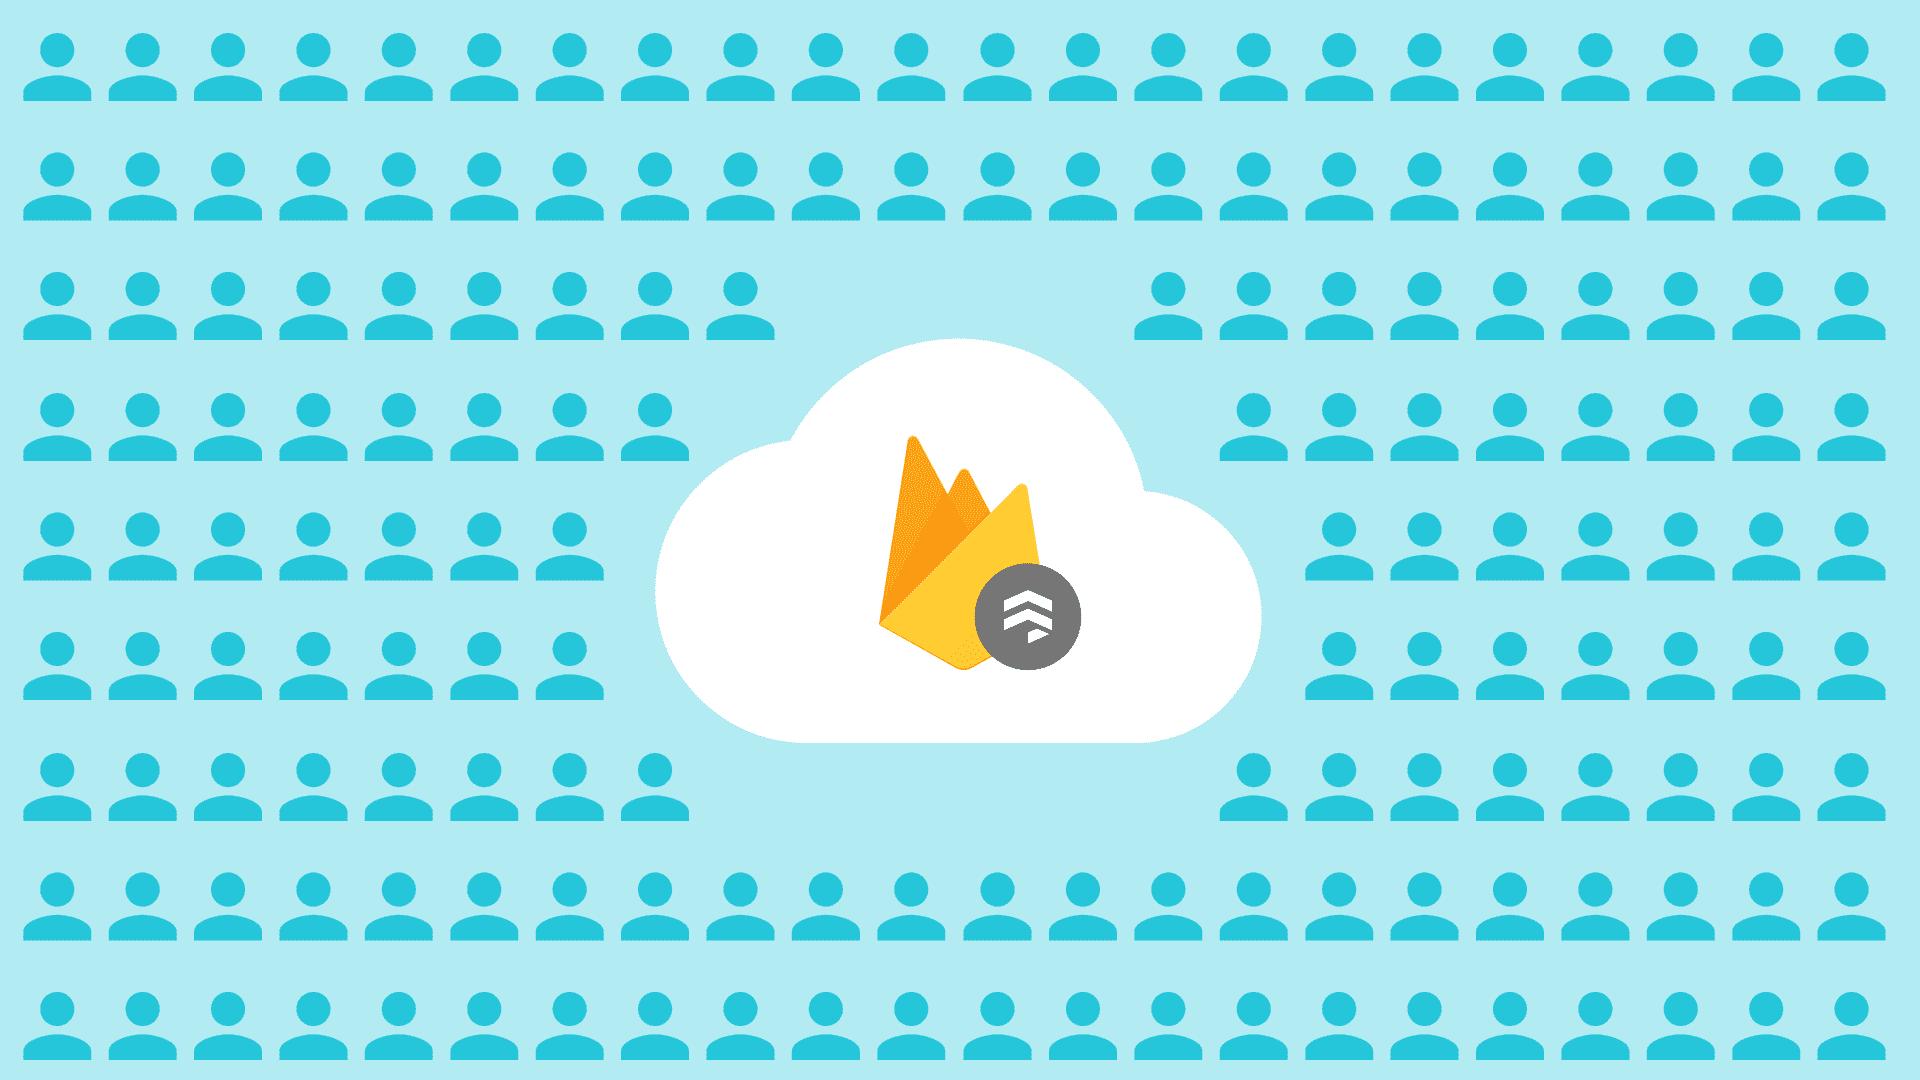 Ilustração do logotipo do Firebase Firestore e de membros do público